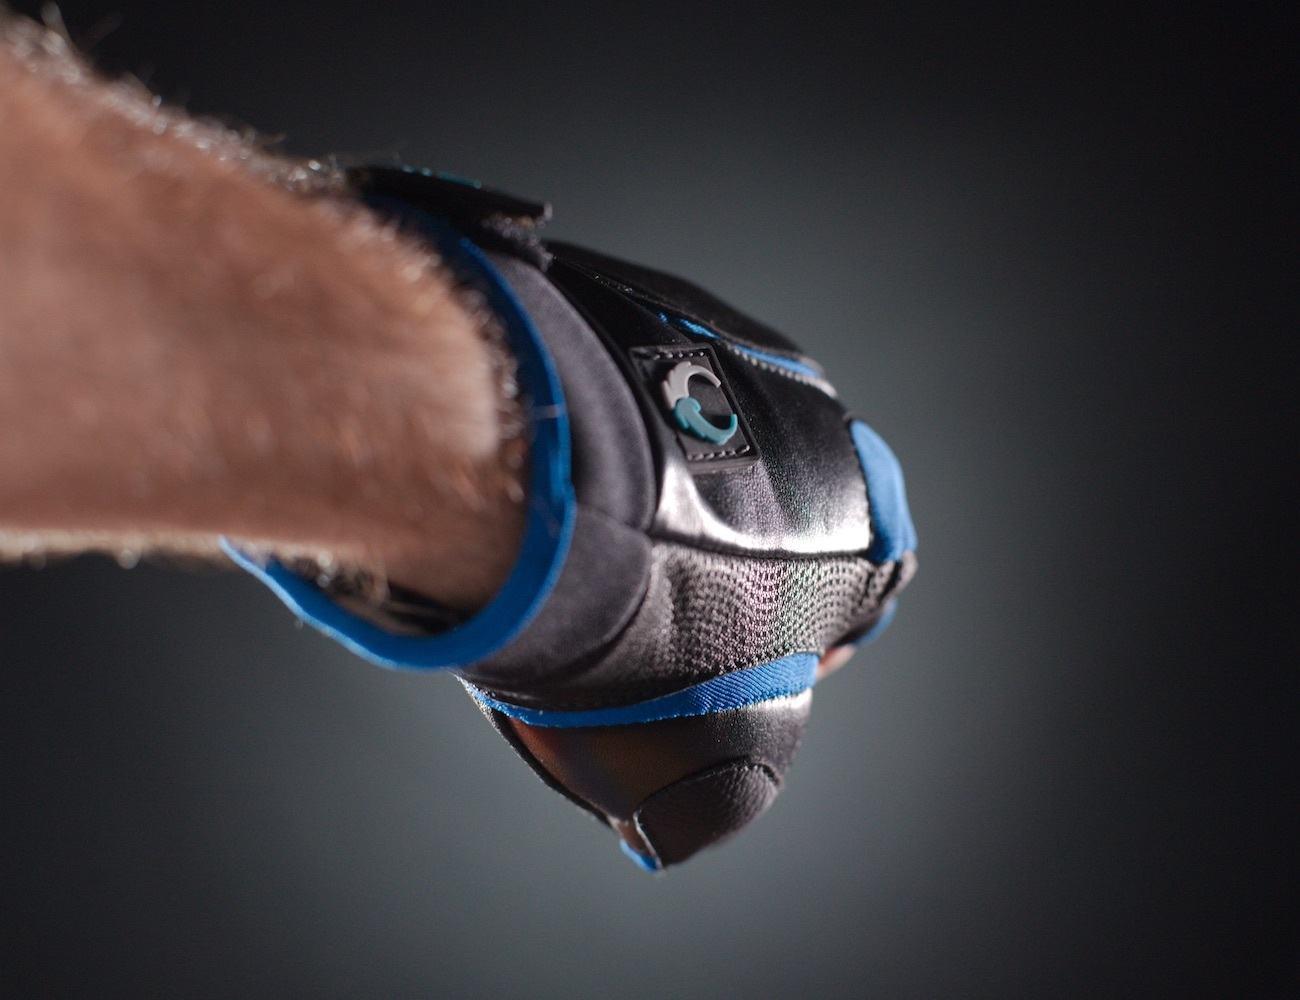 Middle Finger Gaming Gloves